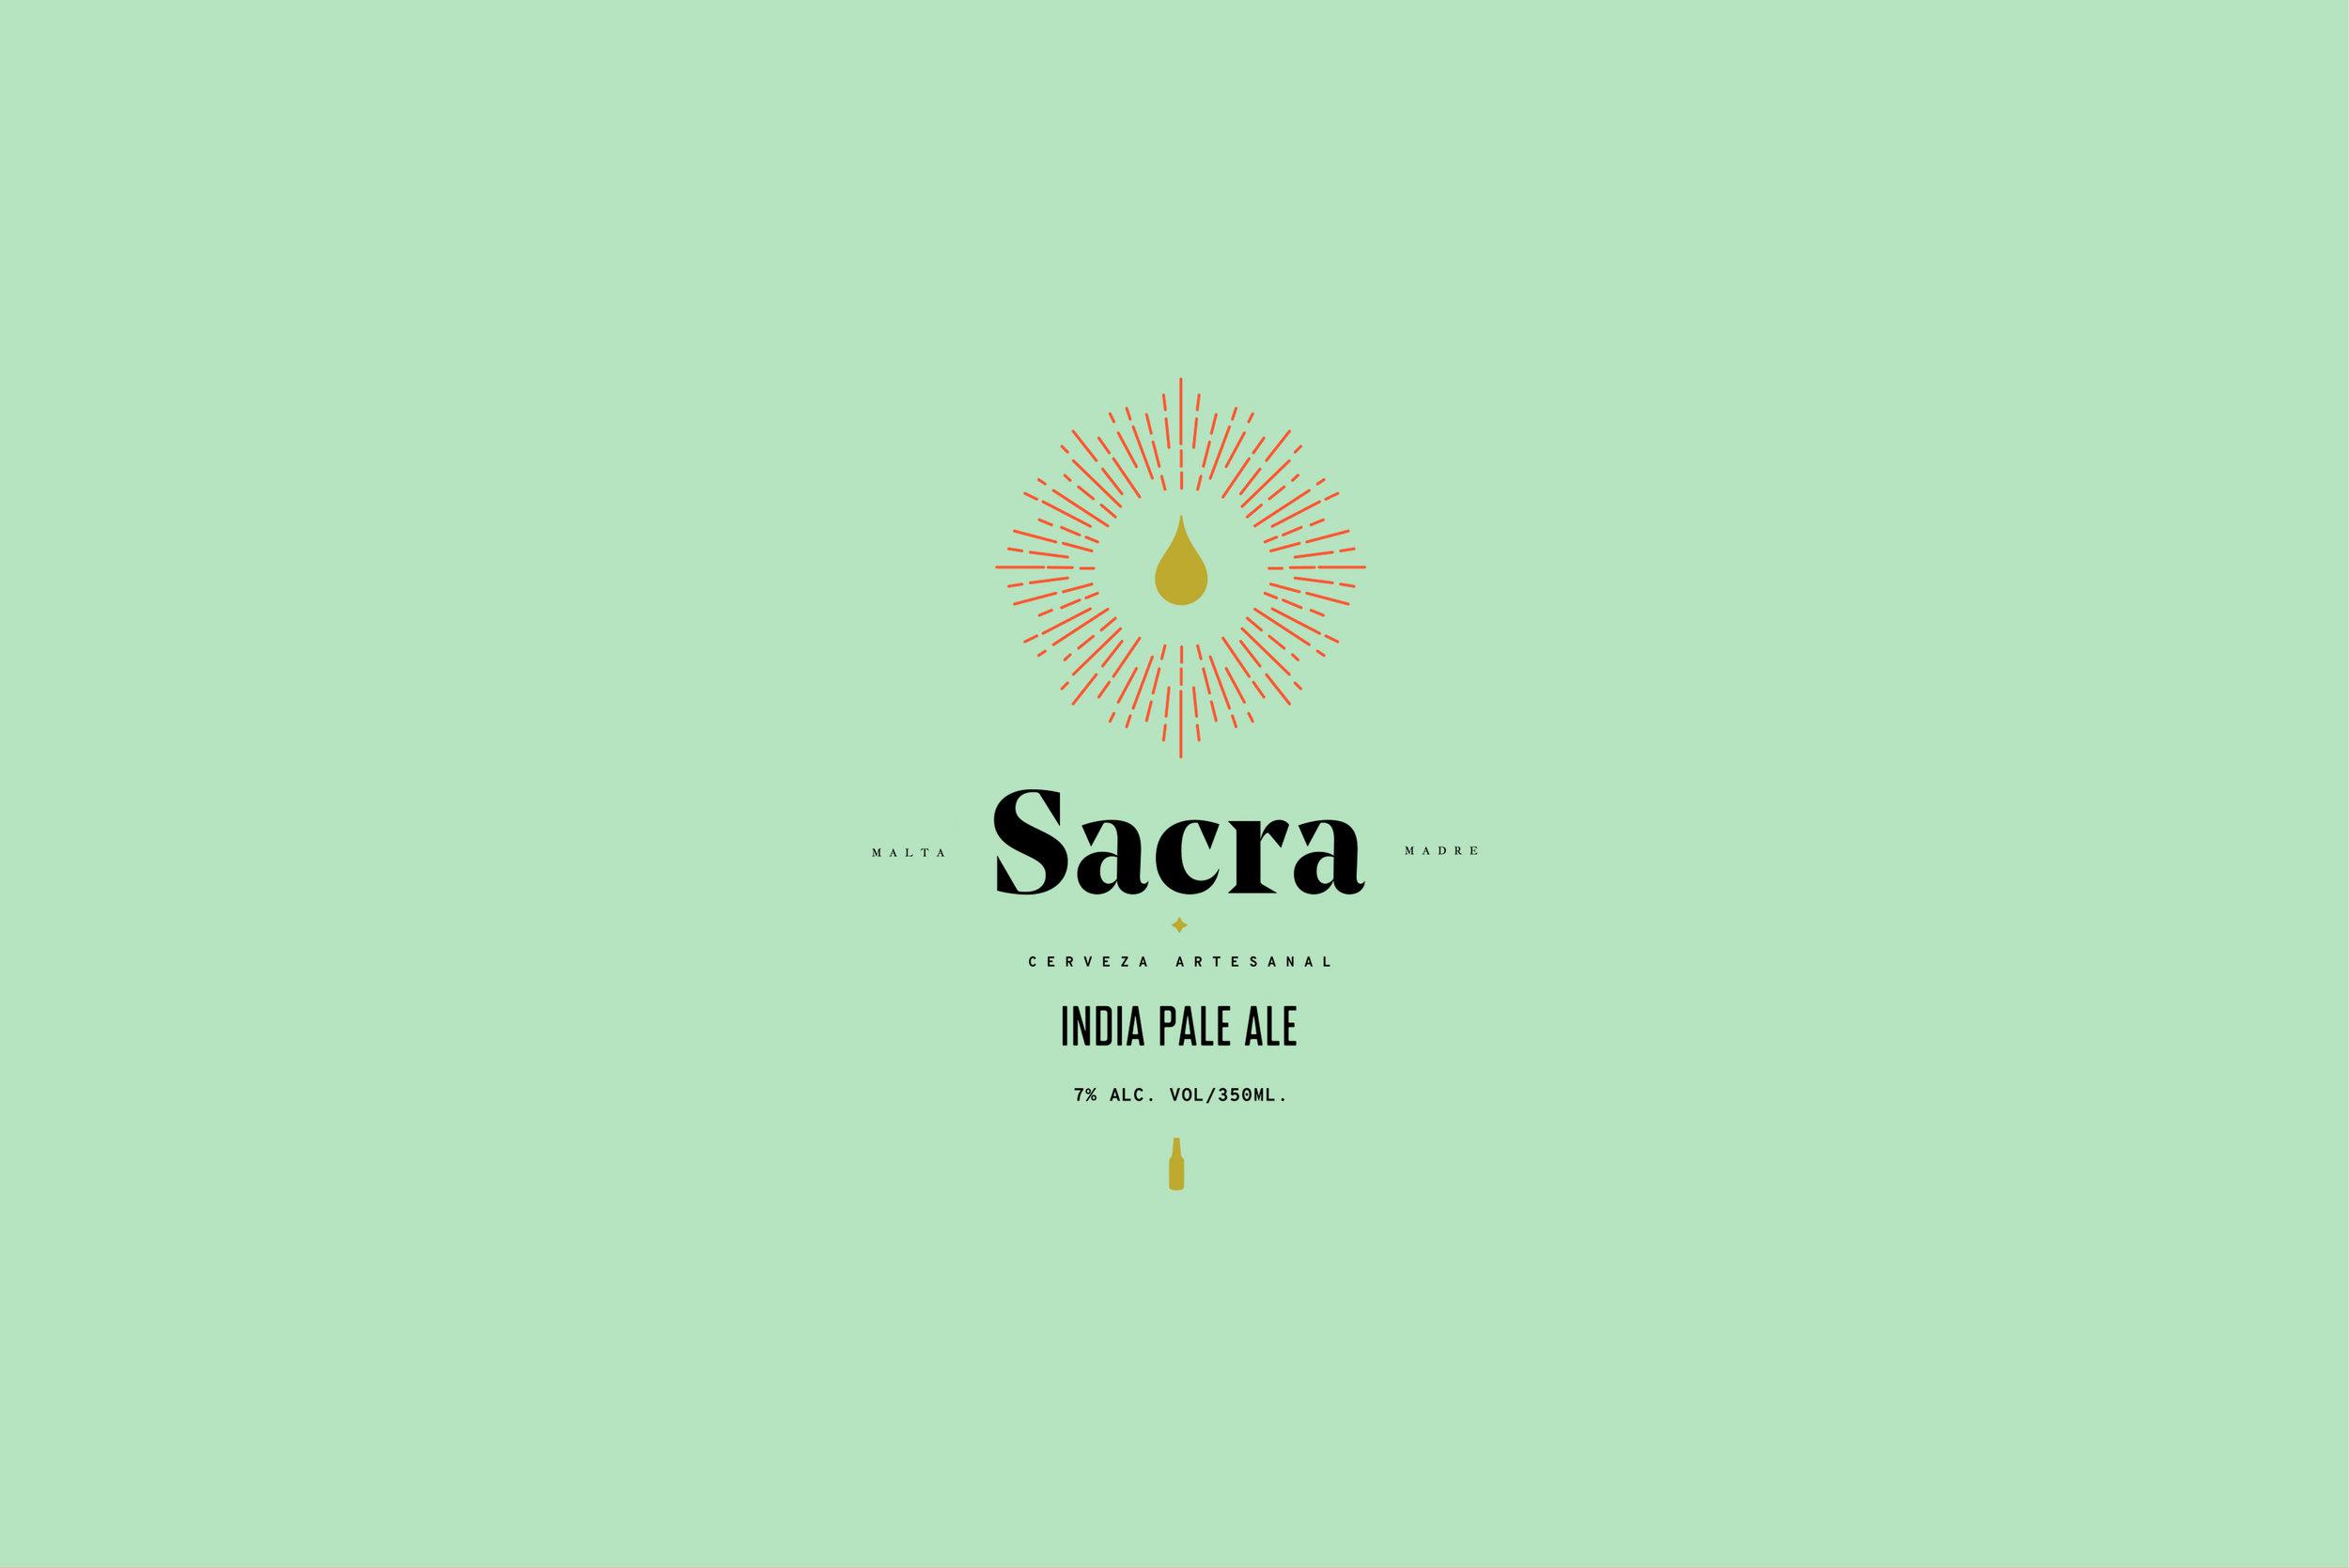 Sacra_Beer_3.jpg